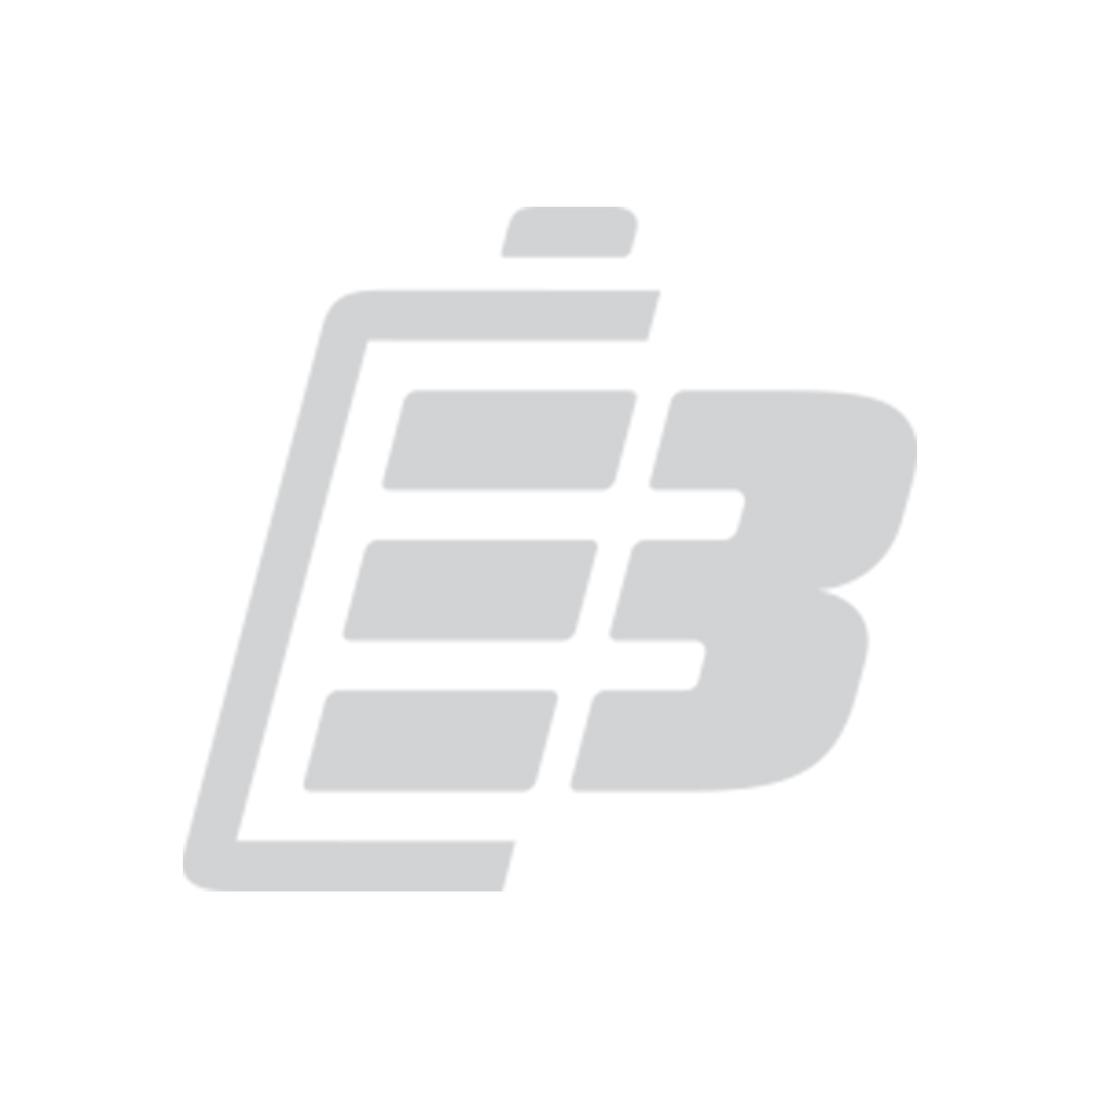 Μπαταρία Netbook Acer Aspire One D250 Λευκη 4400mah_1